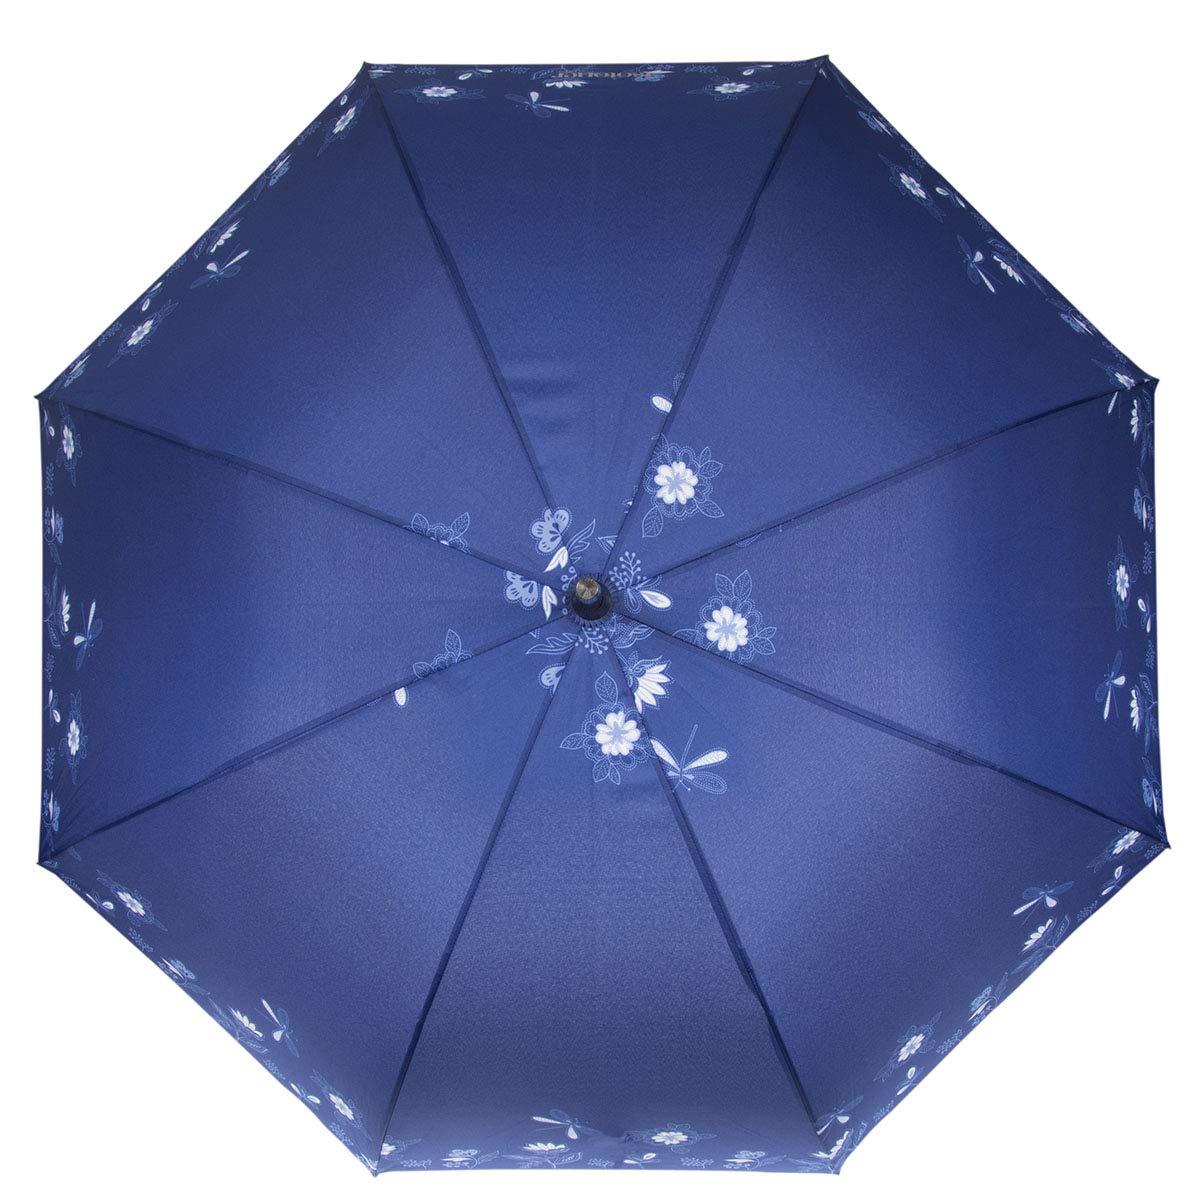 Taille Unique Parrapluie X-tra Solide 09406 Libellule Bleu